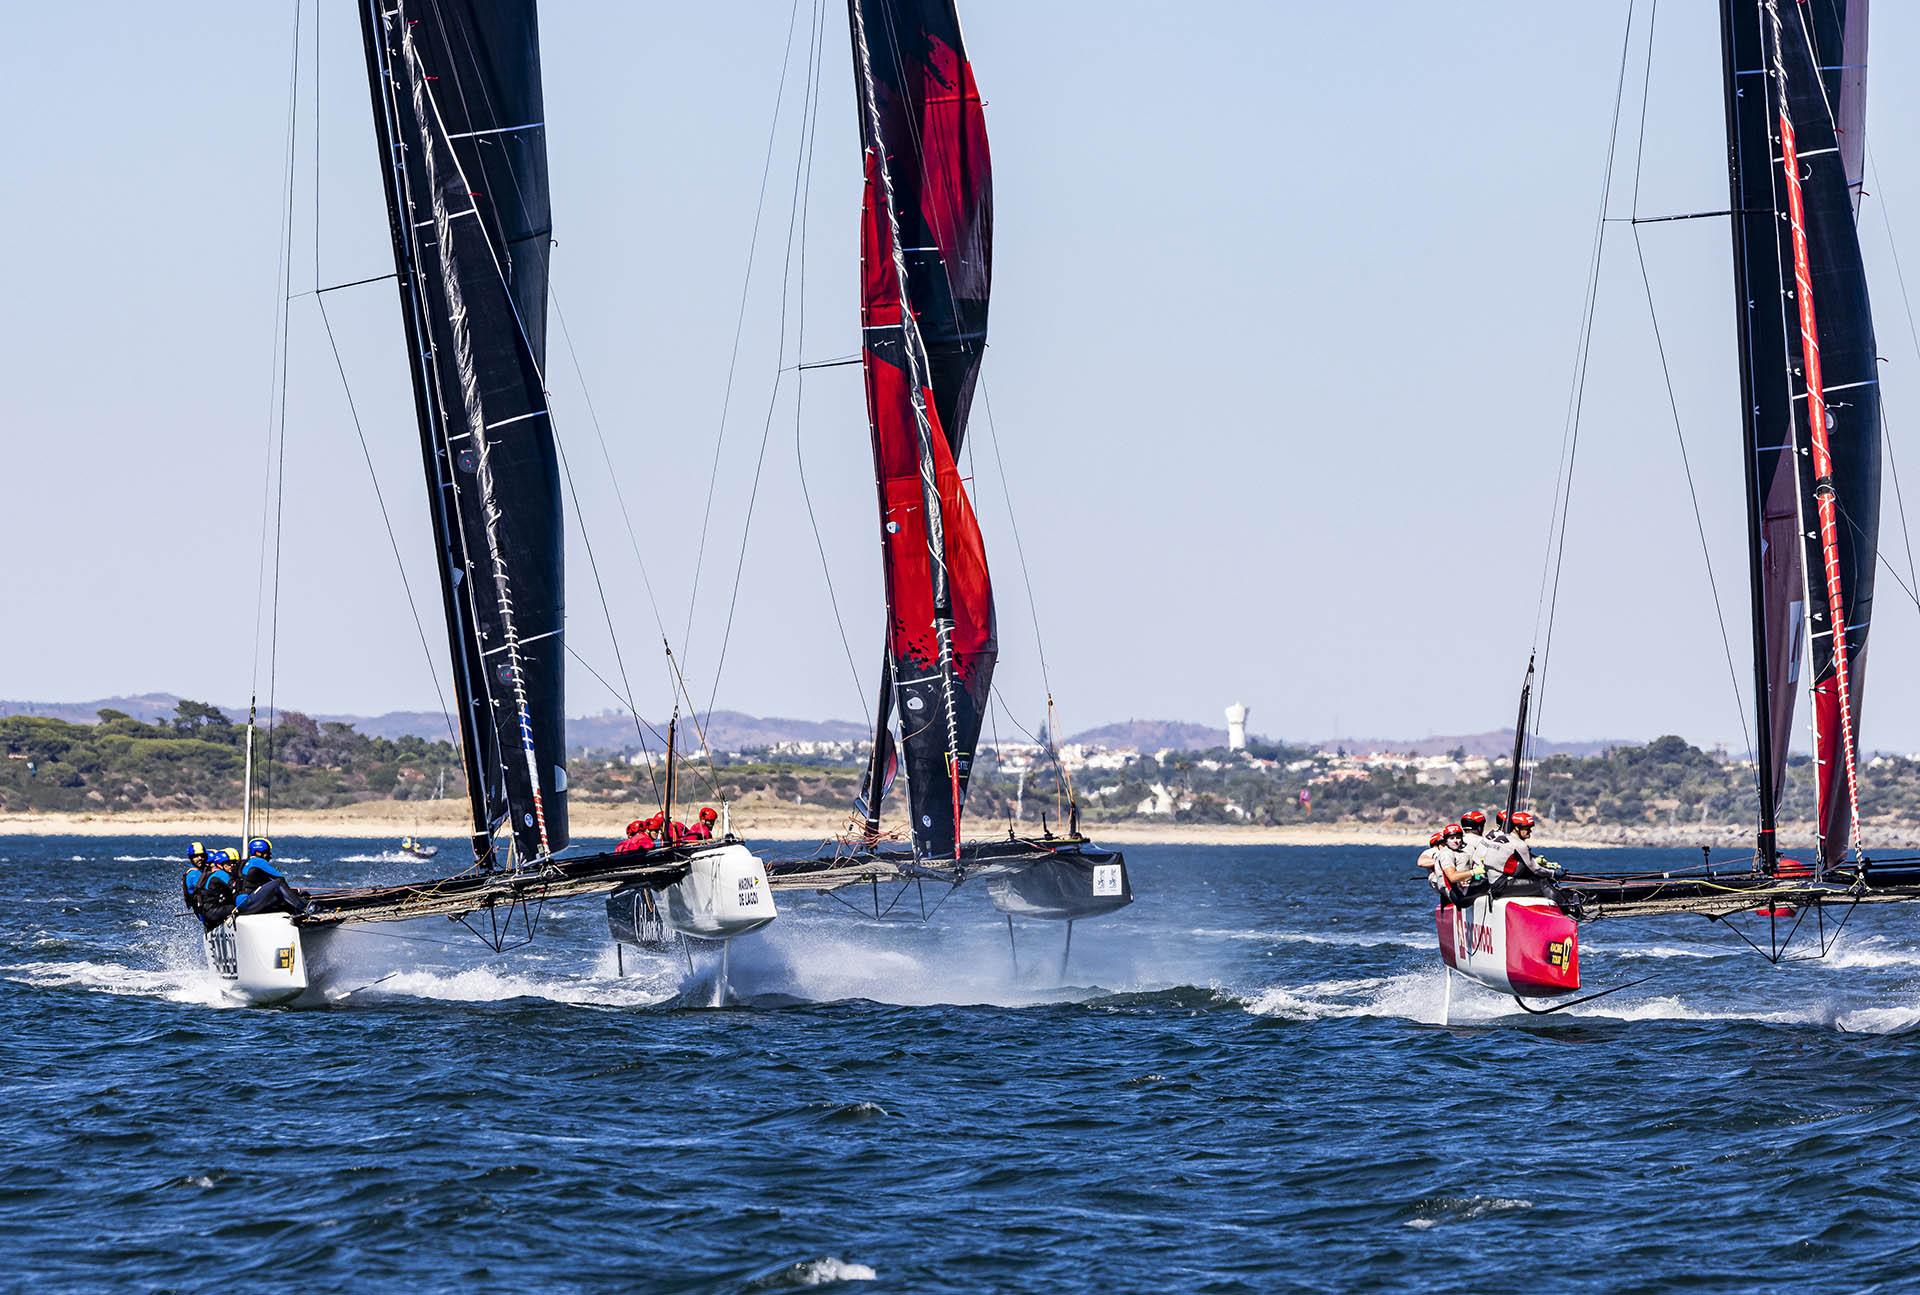 Im Race Nr. 7 am zweiten Tag war es für unseren Mast wohl zu viel: Mit einem lauten Knall barst er im unteren Bereich ...